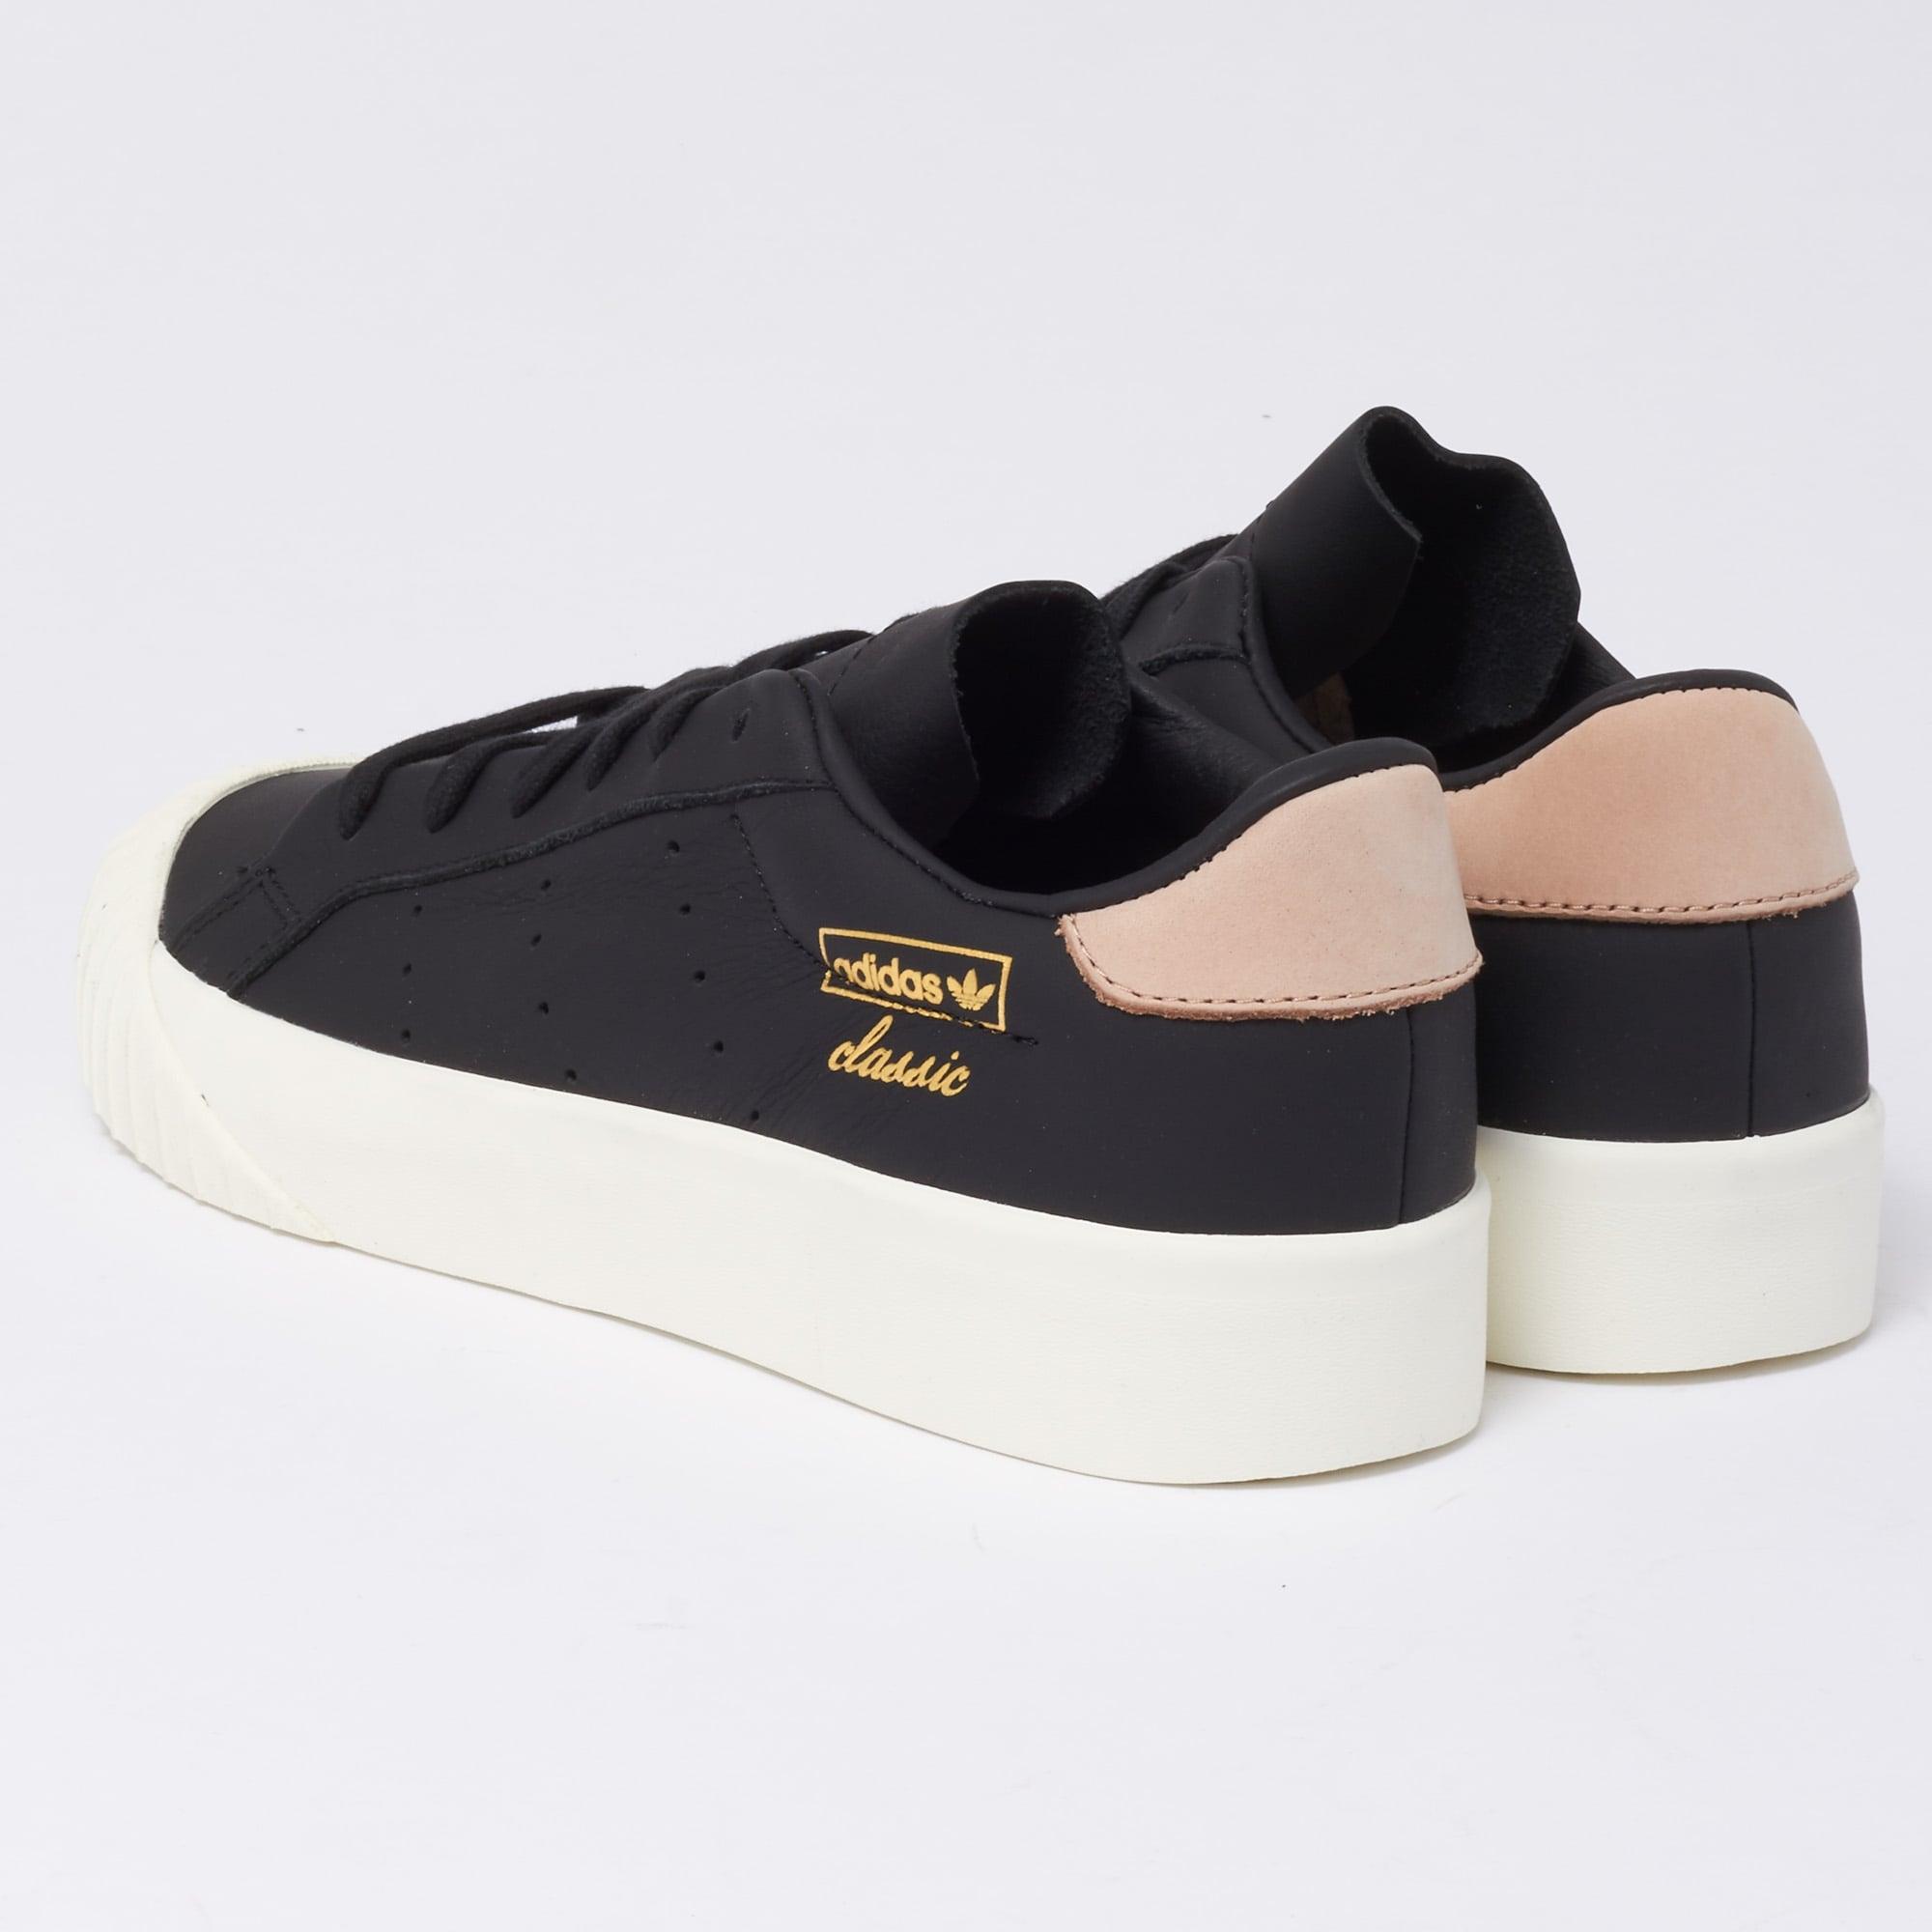 buy popular f0da6 ad7bd Everyn Trainers - Black  Ash Pink